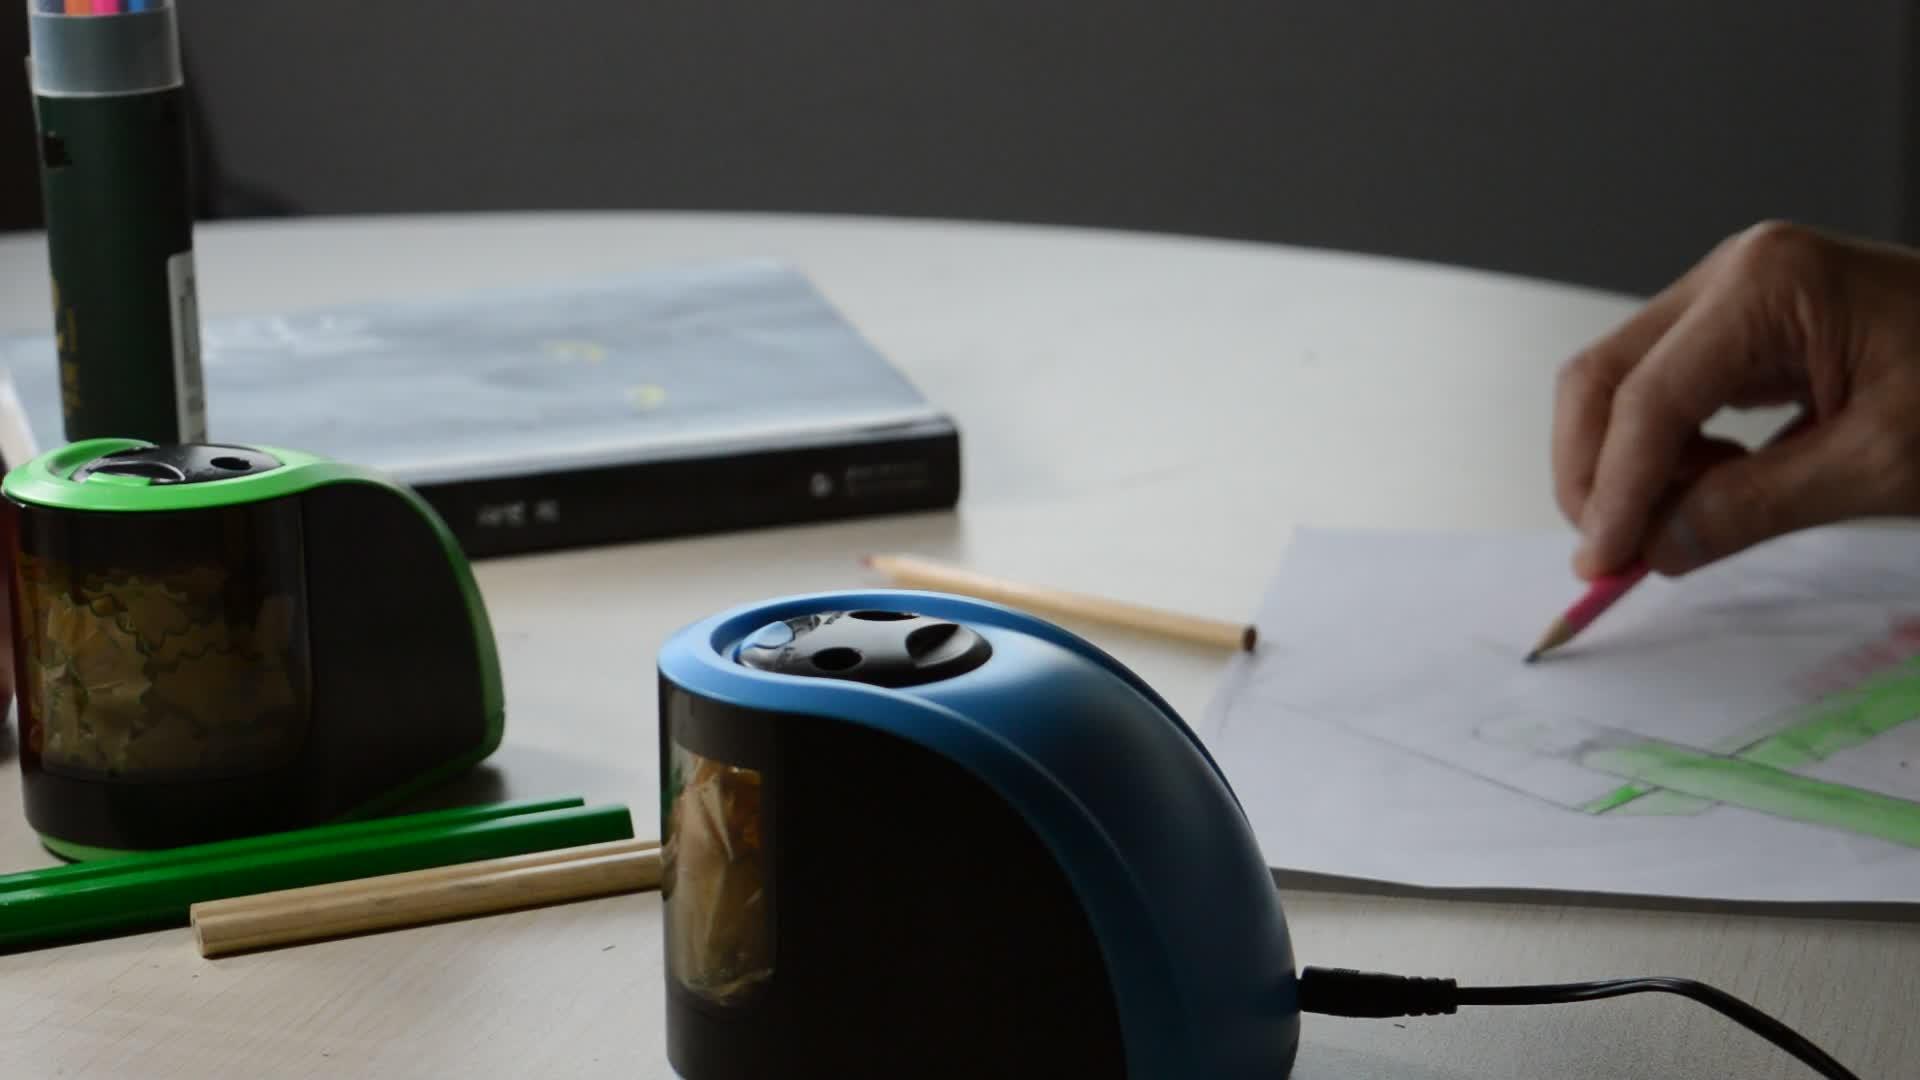 Divertente automatico aula colorato buona matita temperamatite elettrico